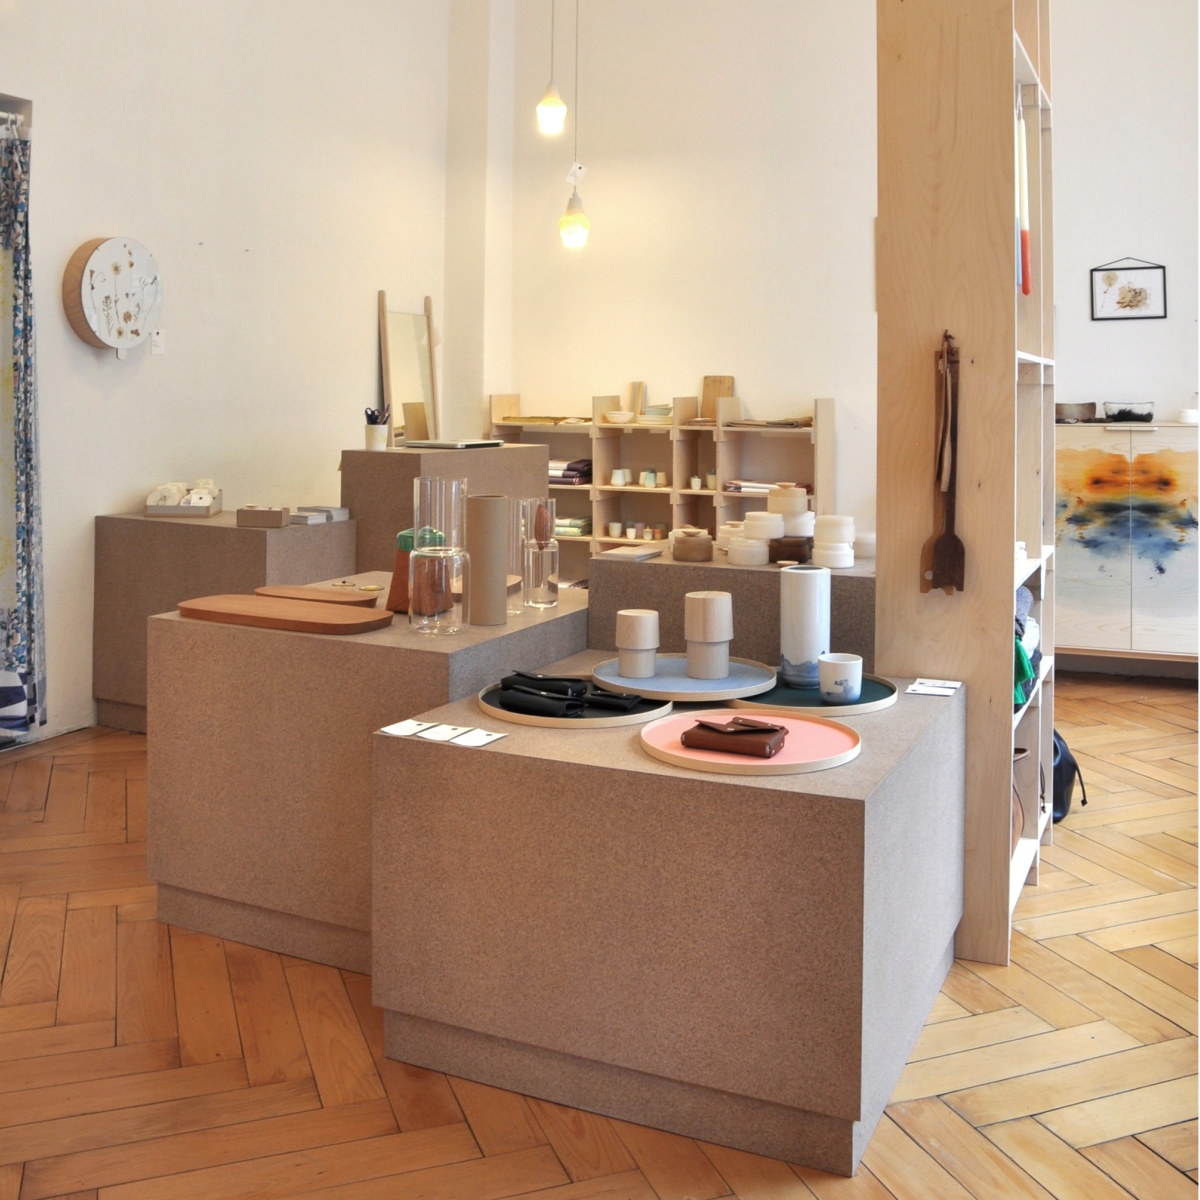 atelier volvox - interieurshop - zürich.